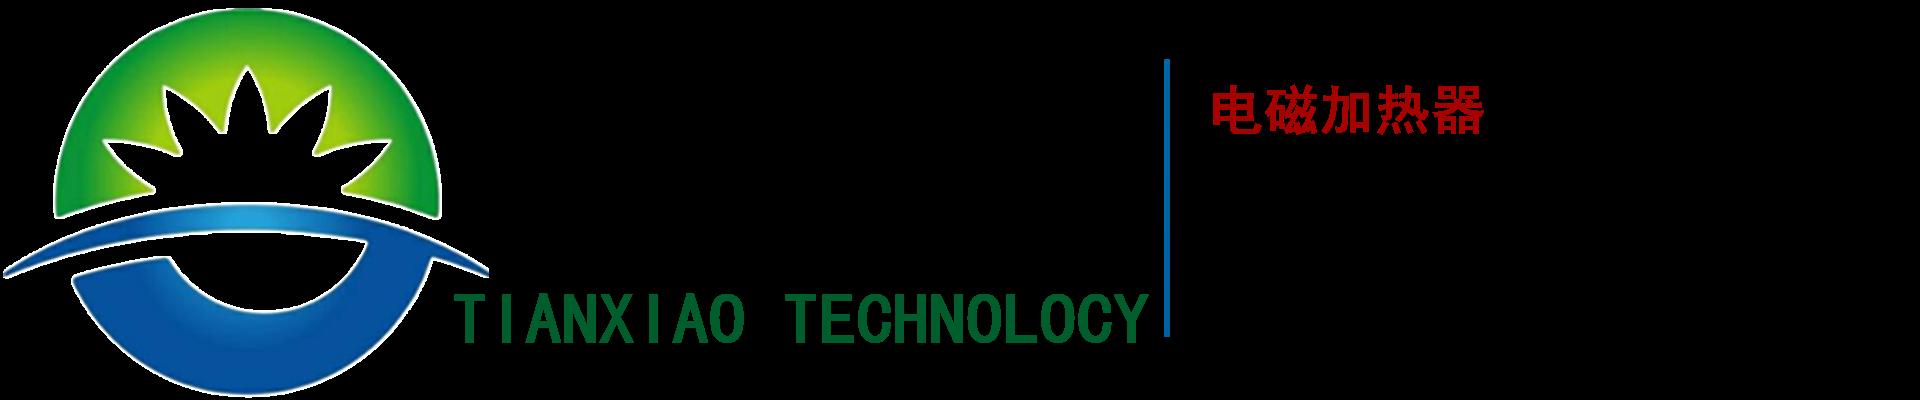 錦州市天曉電子科技有限公司